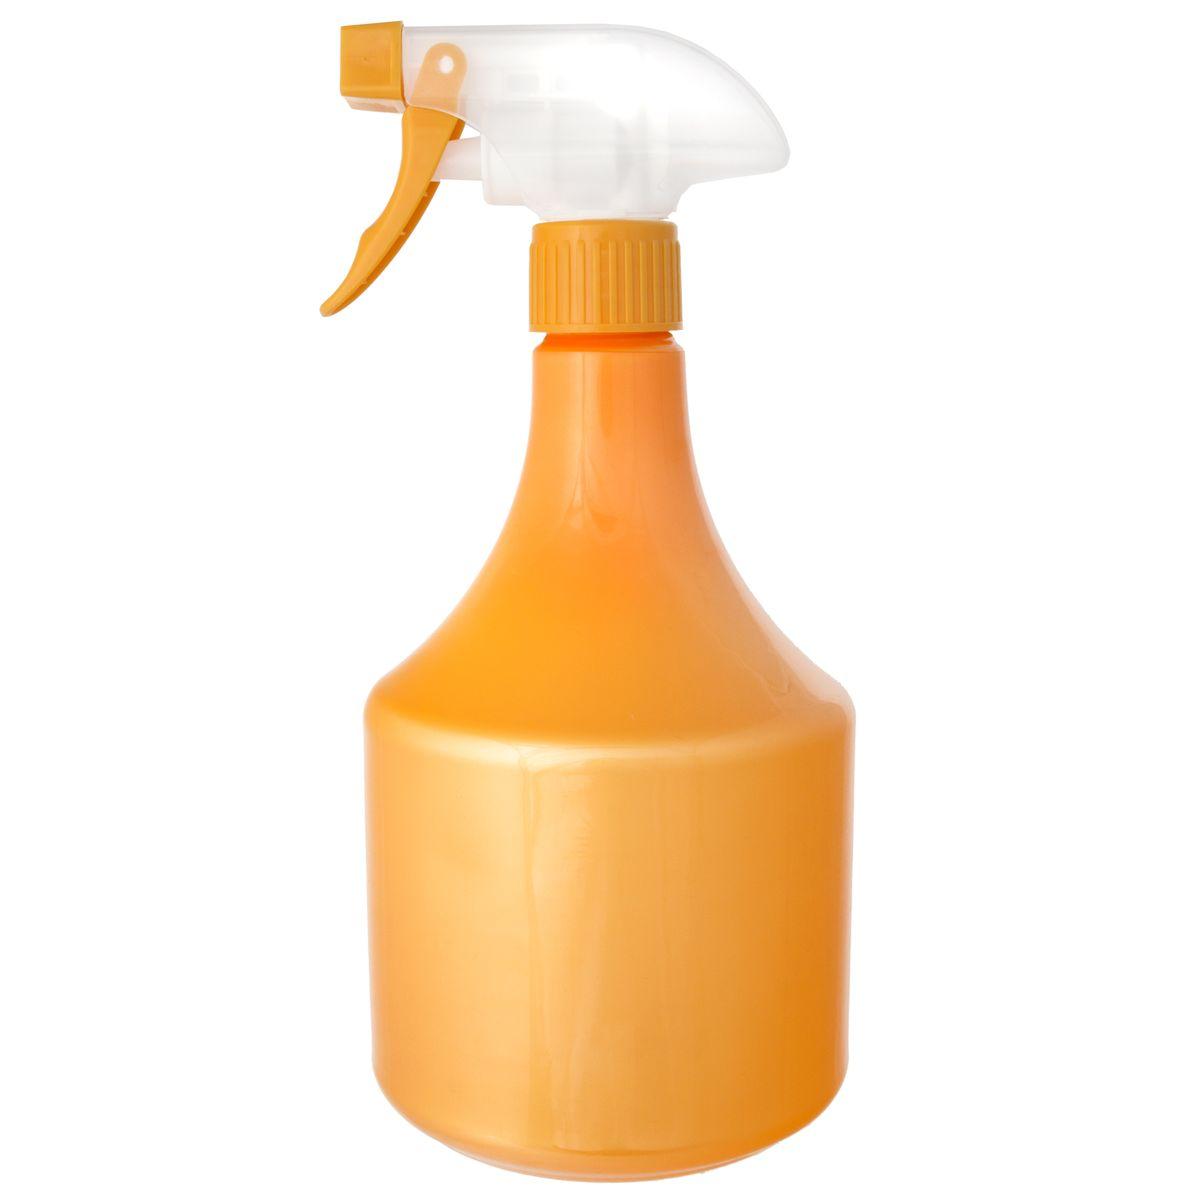 Опрыскиватель Изумруд, цвет: перламутровый оранжевый, 0,5 л4004Опрыскиватель перламутровый оранжевый 0,5л 4004